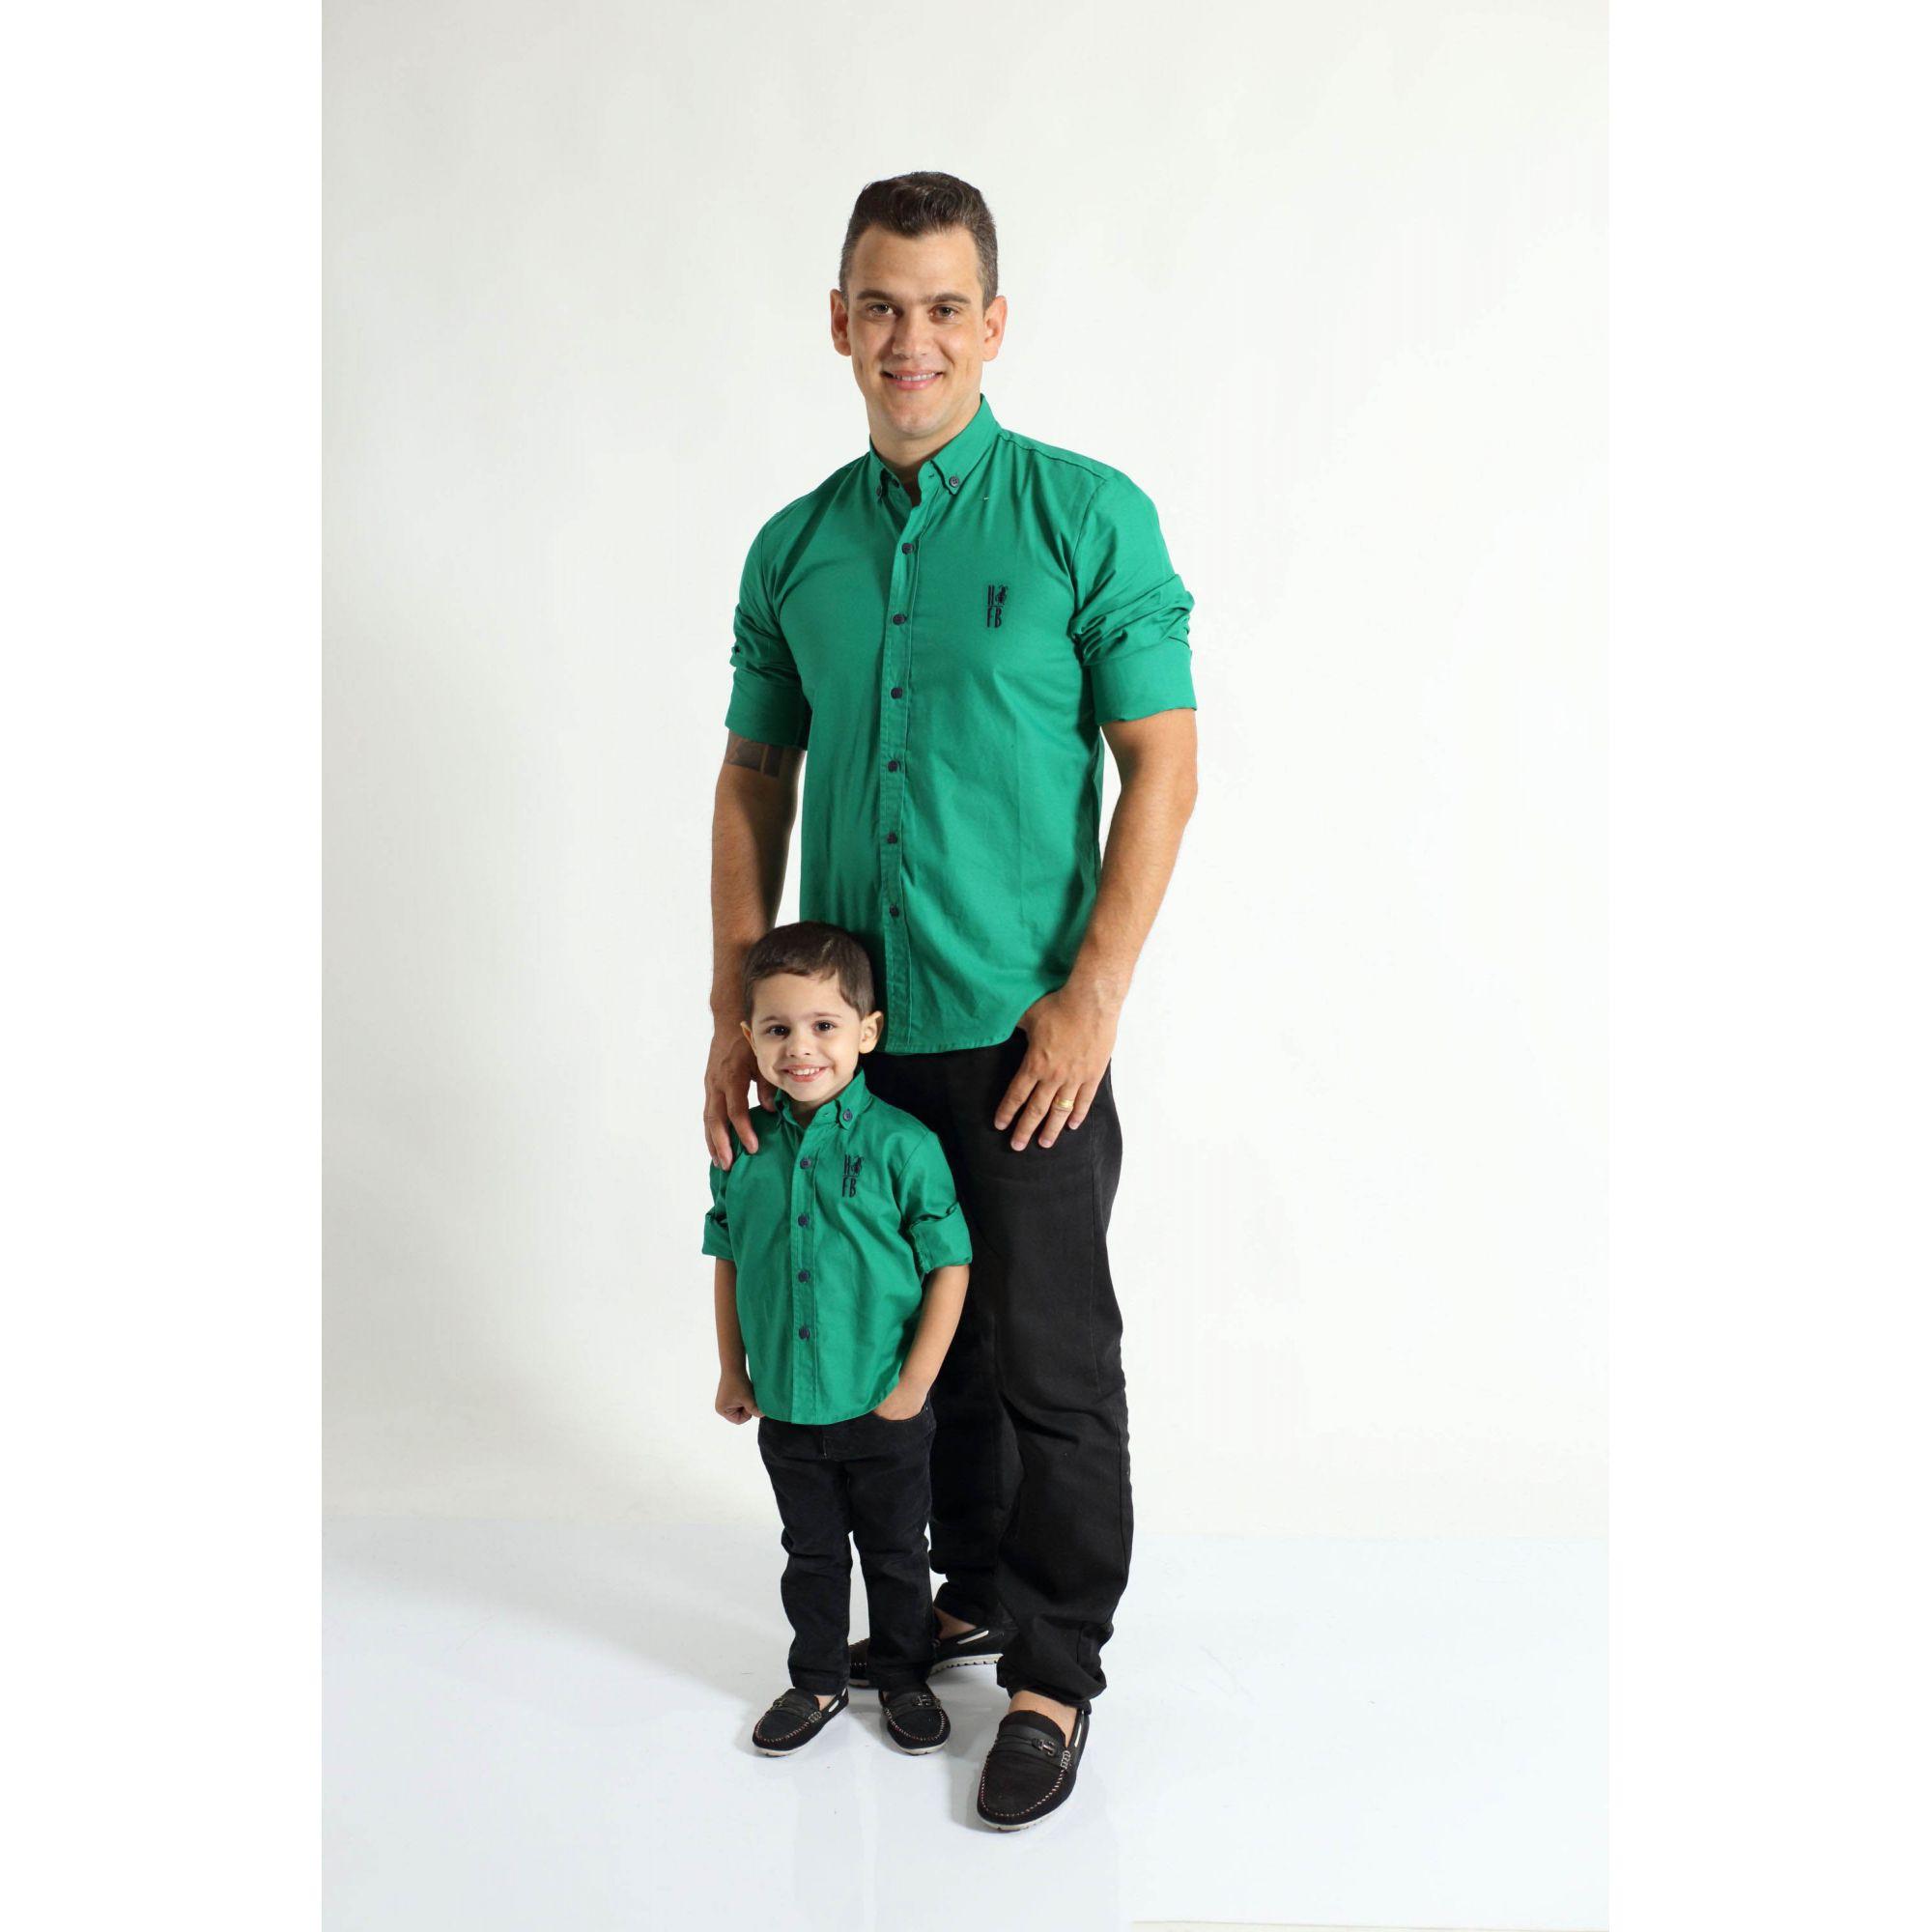 PAI E FILHO > Camisas Social Green Day Verde [Coleção Tal Pai Tal Filho]